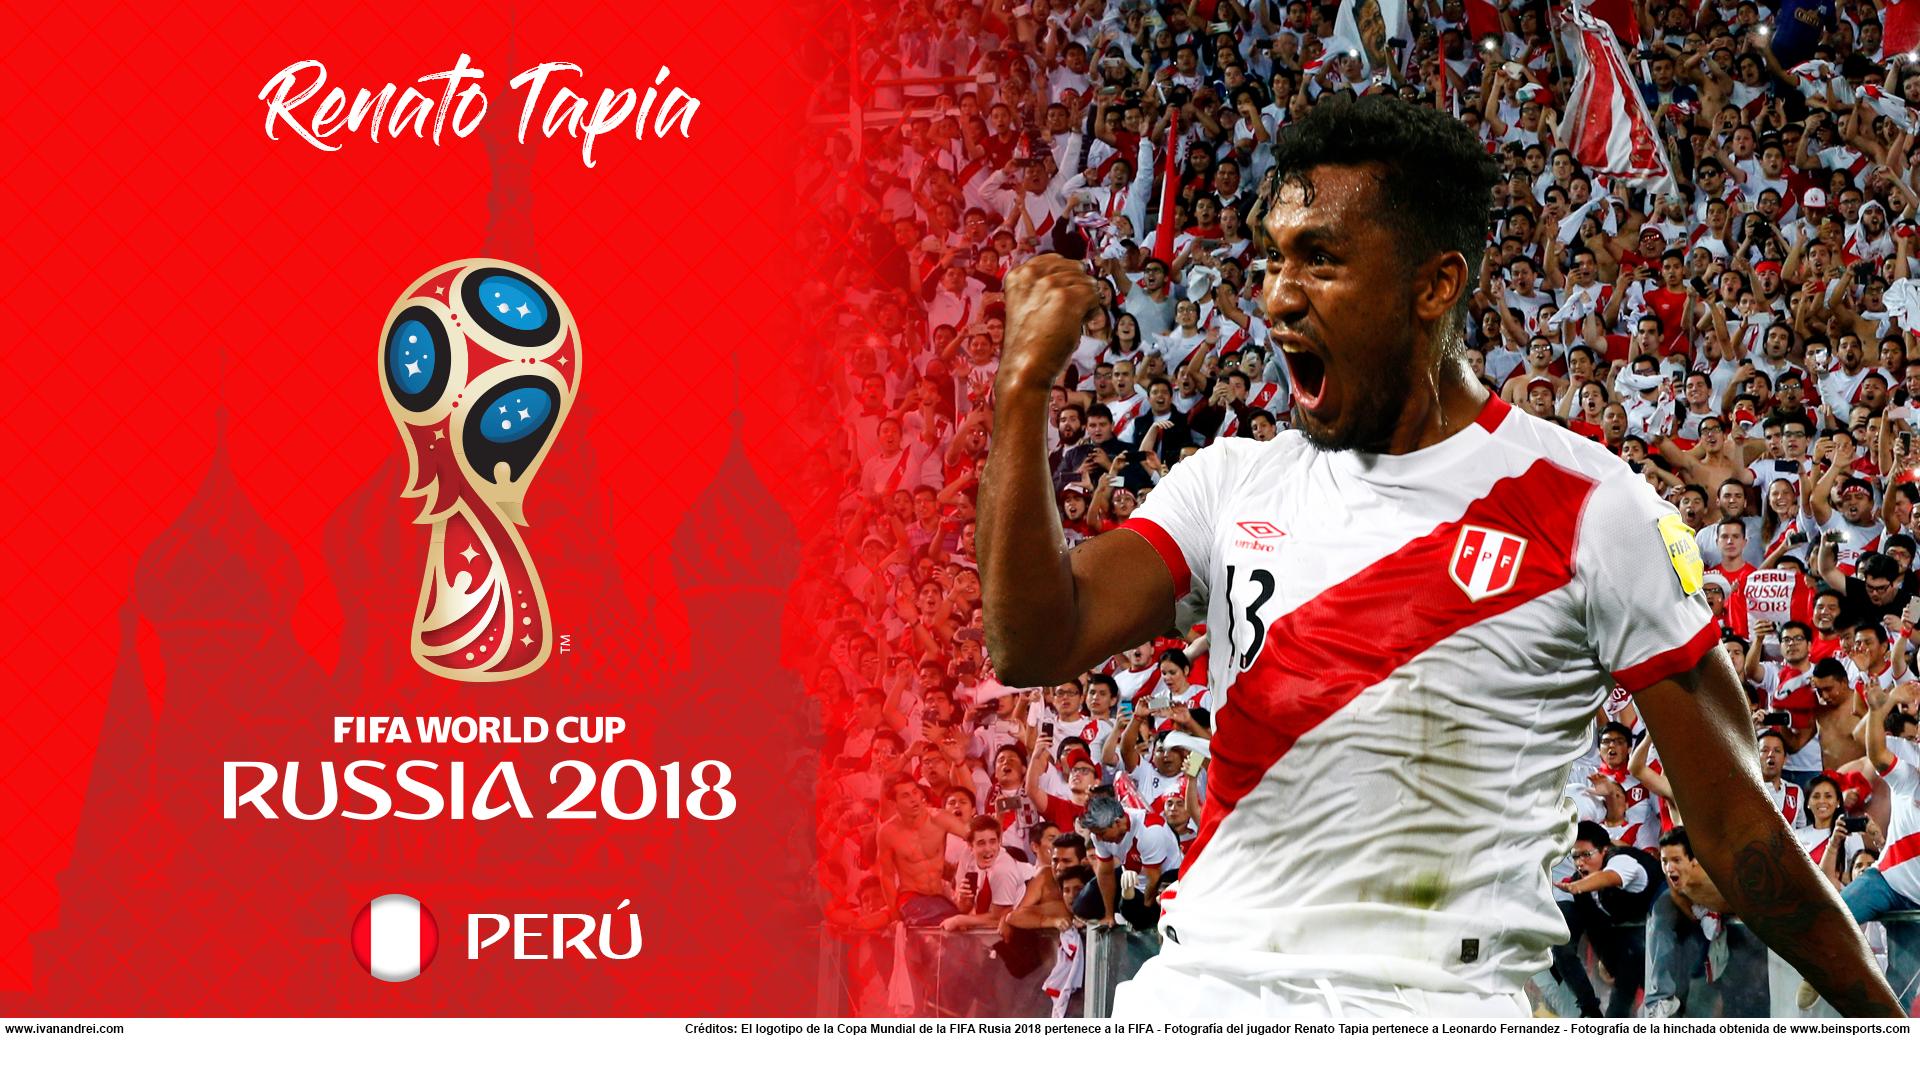 Wallpaper de Renato Tapia de Perú para la Copa Mundial de la FIFA - Rusia 2018 - Edición para PC (1920x1080)